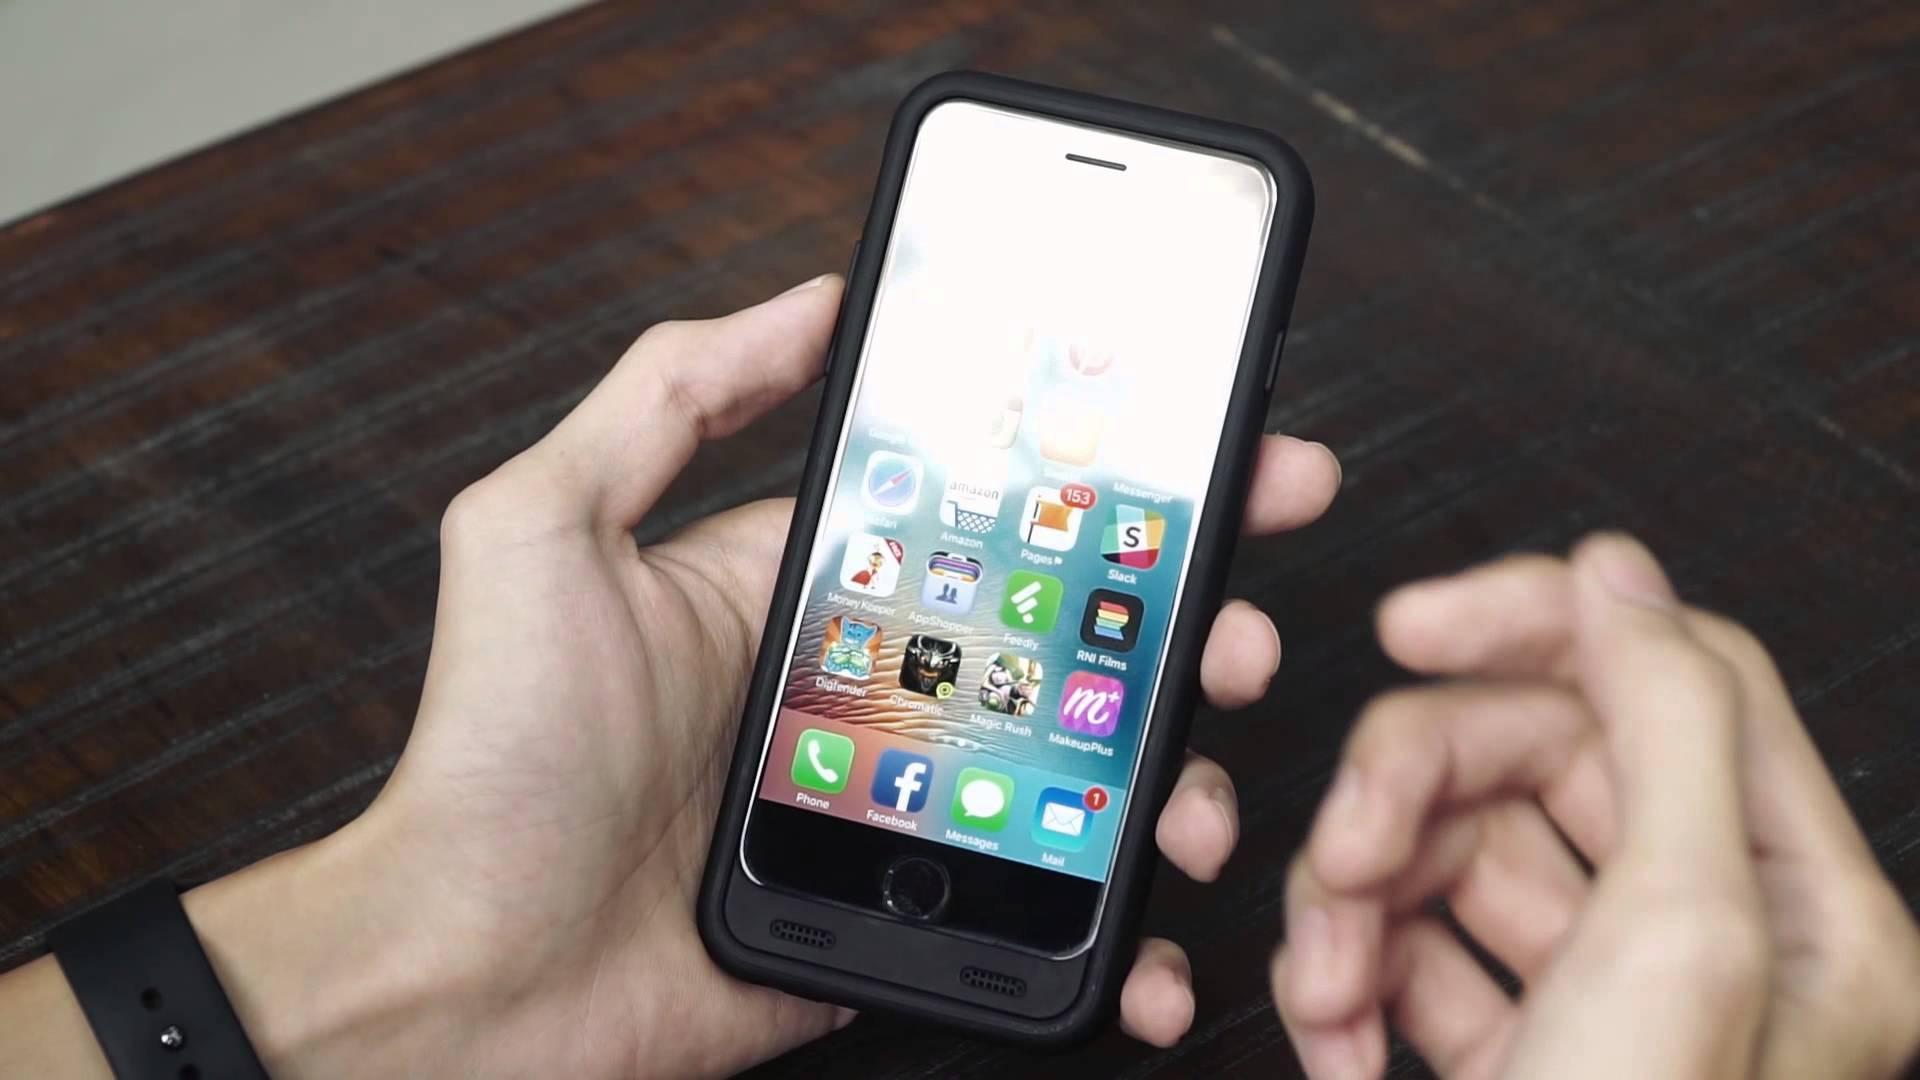 Pin iPhone 6S bị chai theo thời gian nhiều/ ít tùy mức độ sử dụng